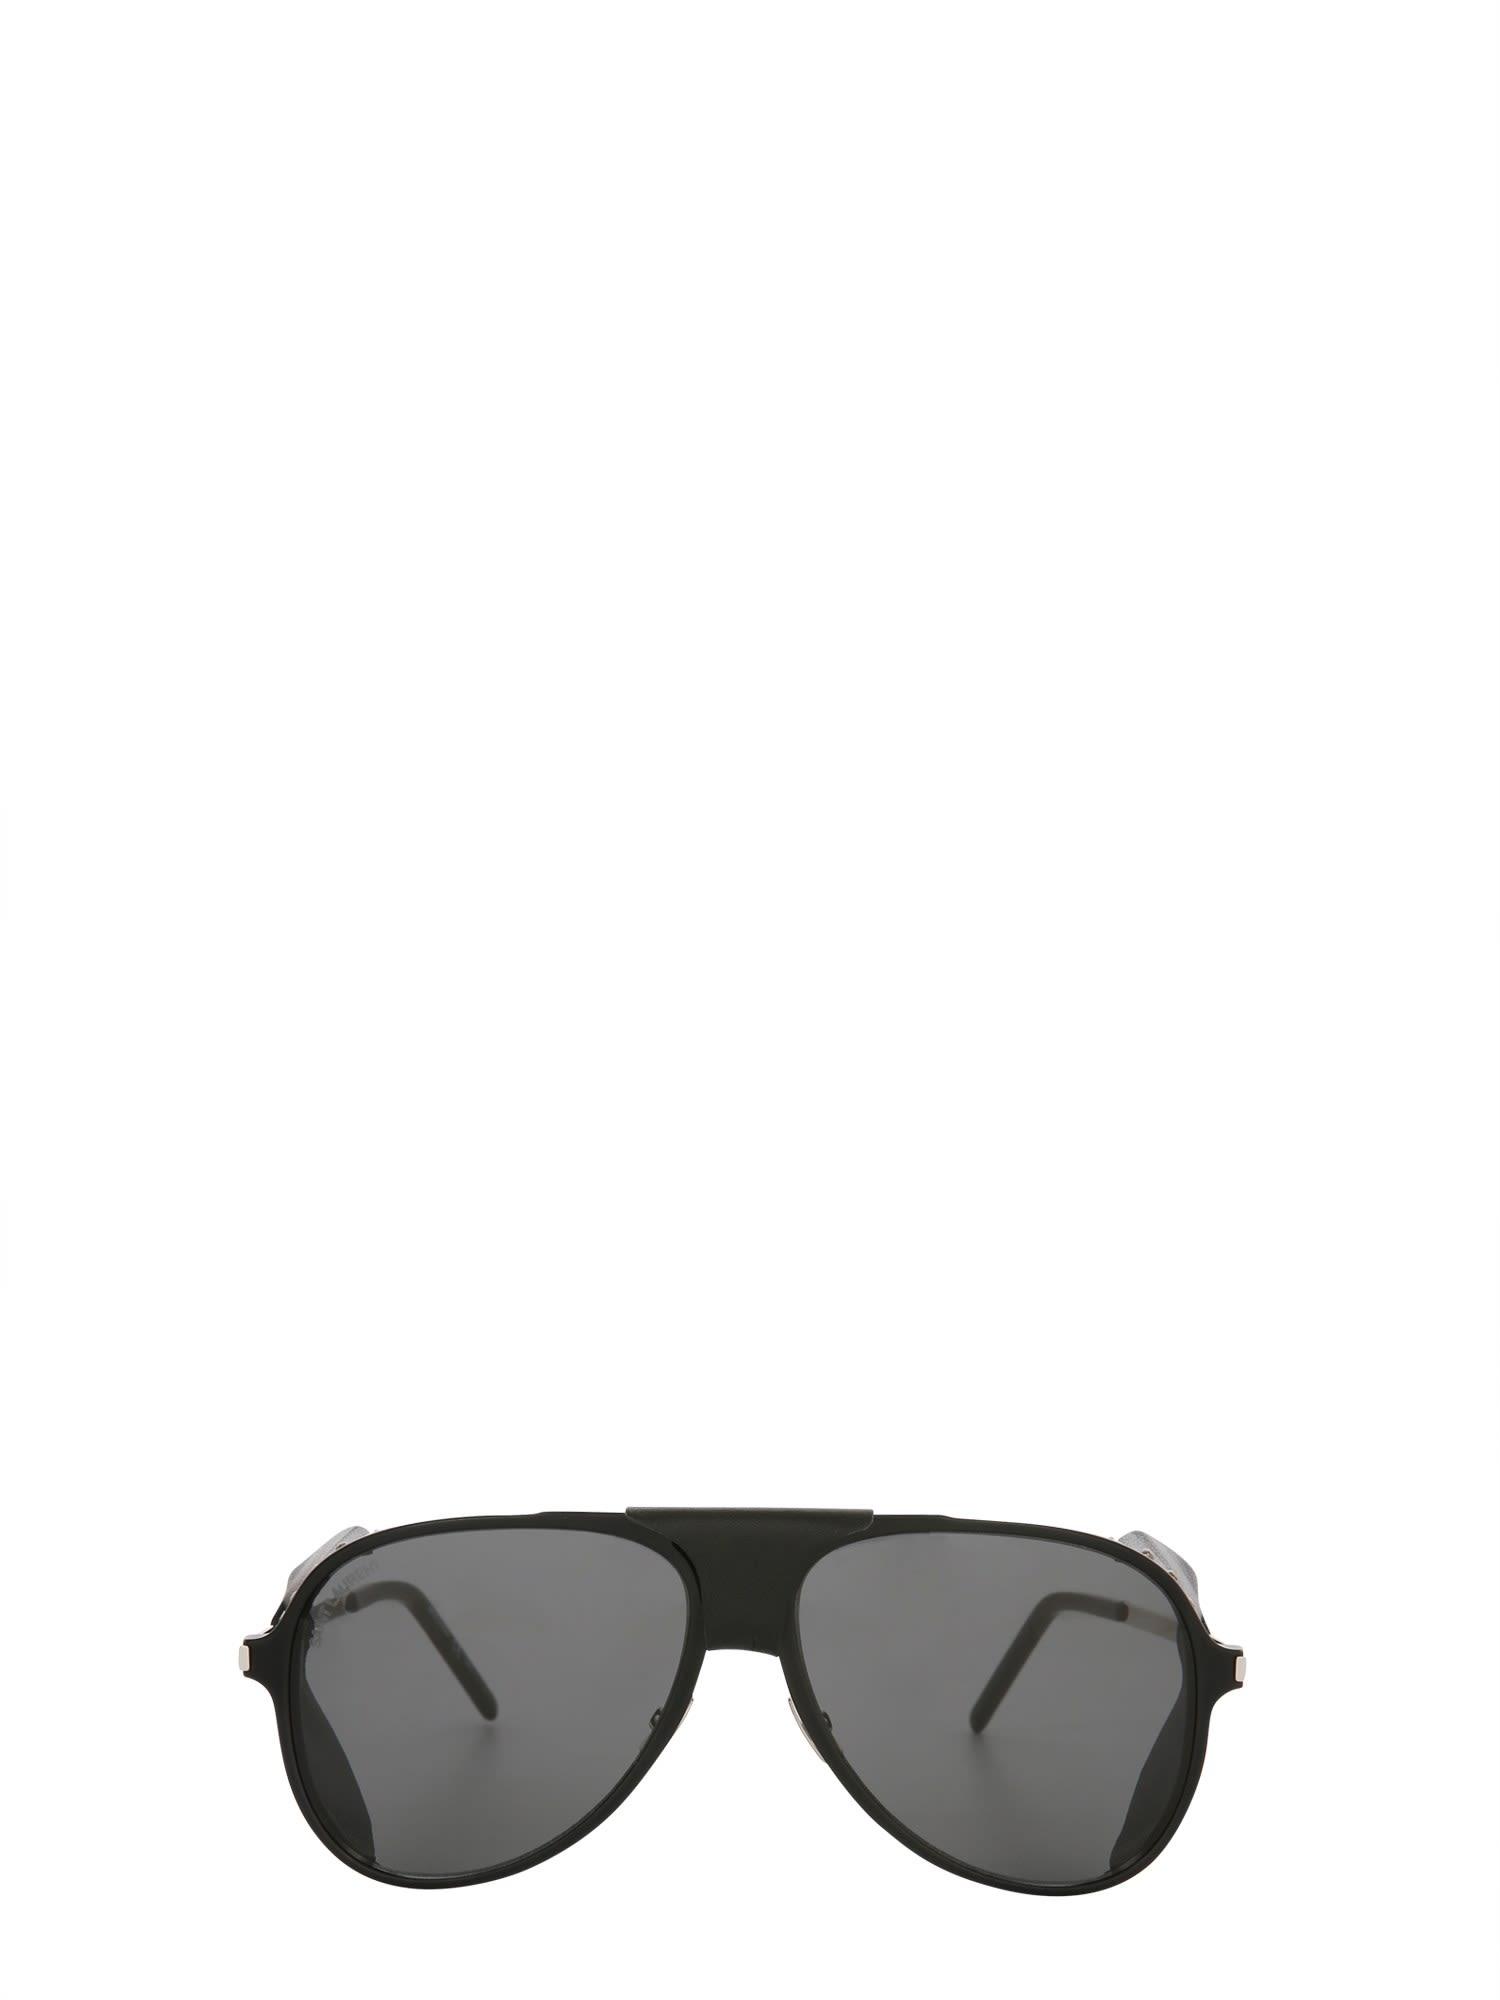 Saint Laurent Classic 11 Blind Aviator Sunglasses